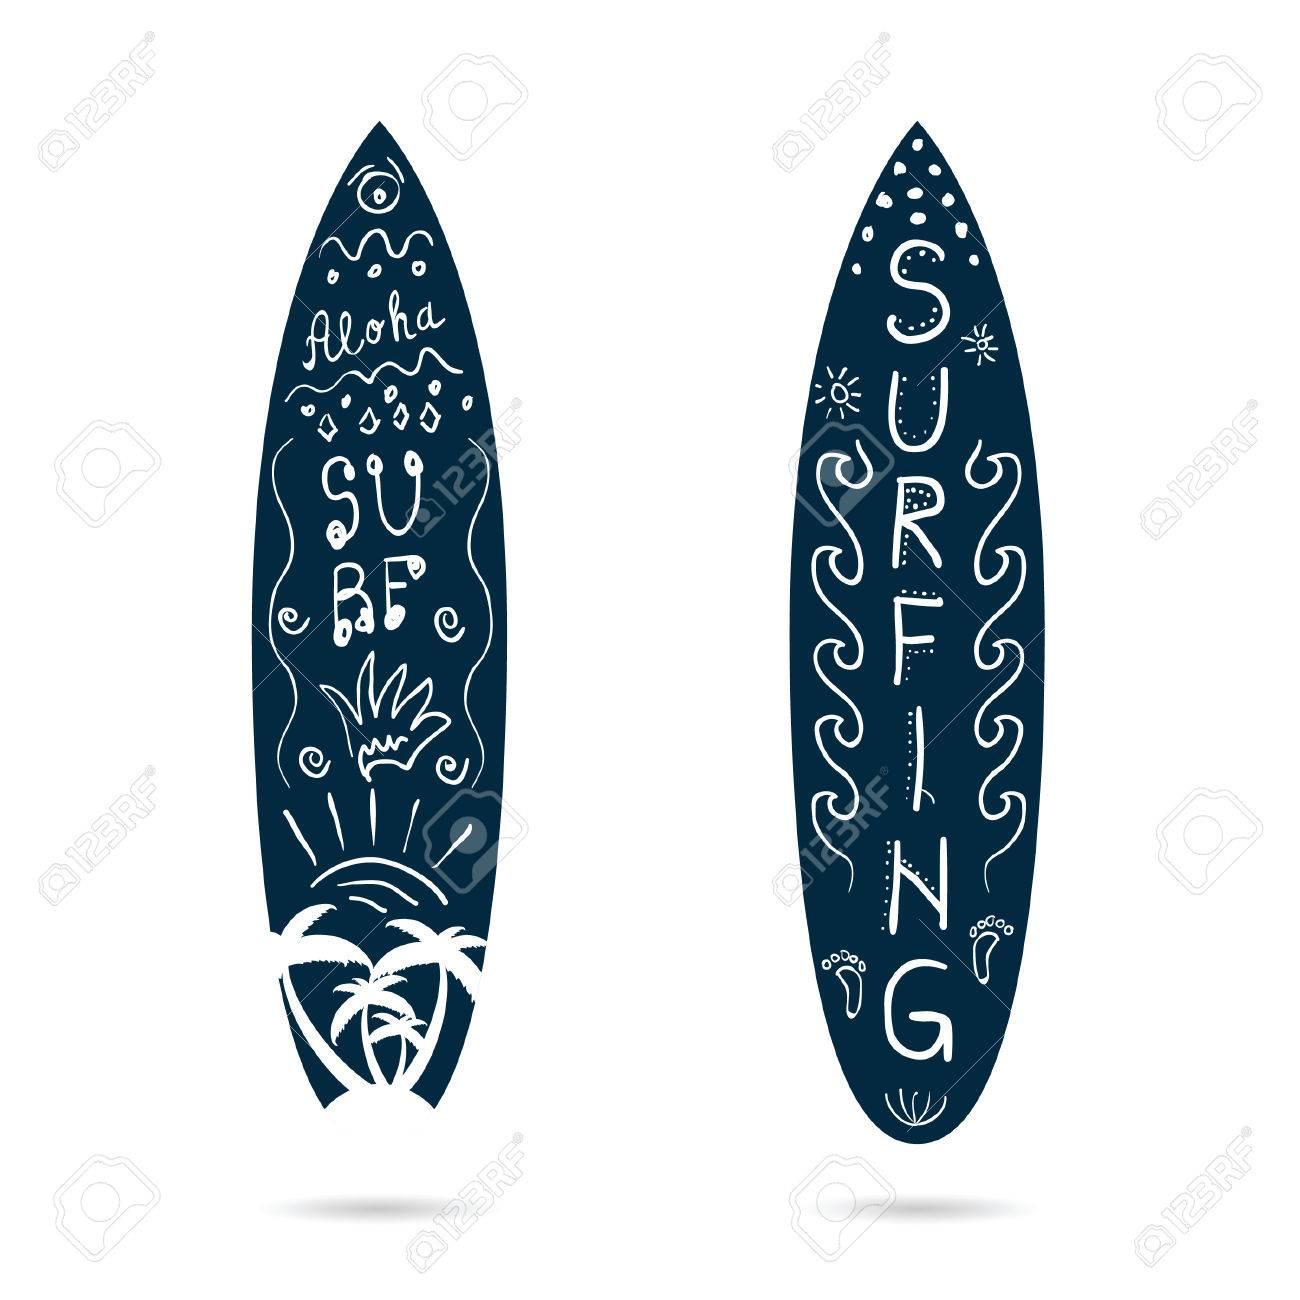 Illustration De Jeu D Icones De Dessin Anime De Planche De Surf En Couleur Bleue Et Blanche Clip Art Libres De Droits Vecteurs Et Illustration Image 61043453